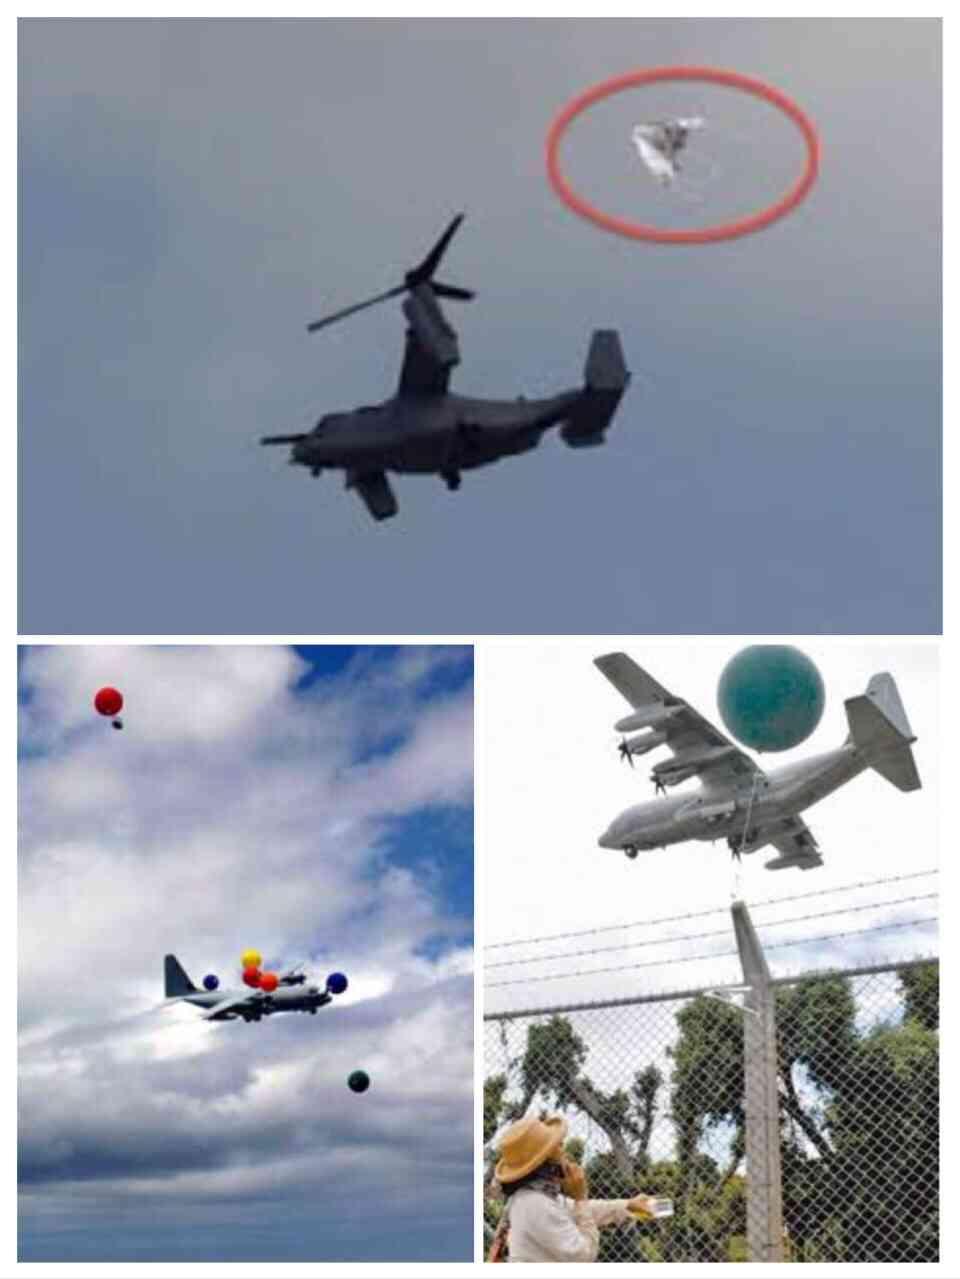 米軍ヘリから落下物と騒いでいた牧師が投稿を削除?「米軍機からの落下ではない」沖縄防衛局が市に説明